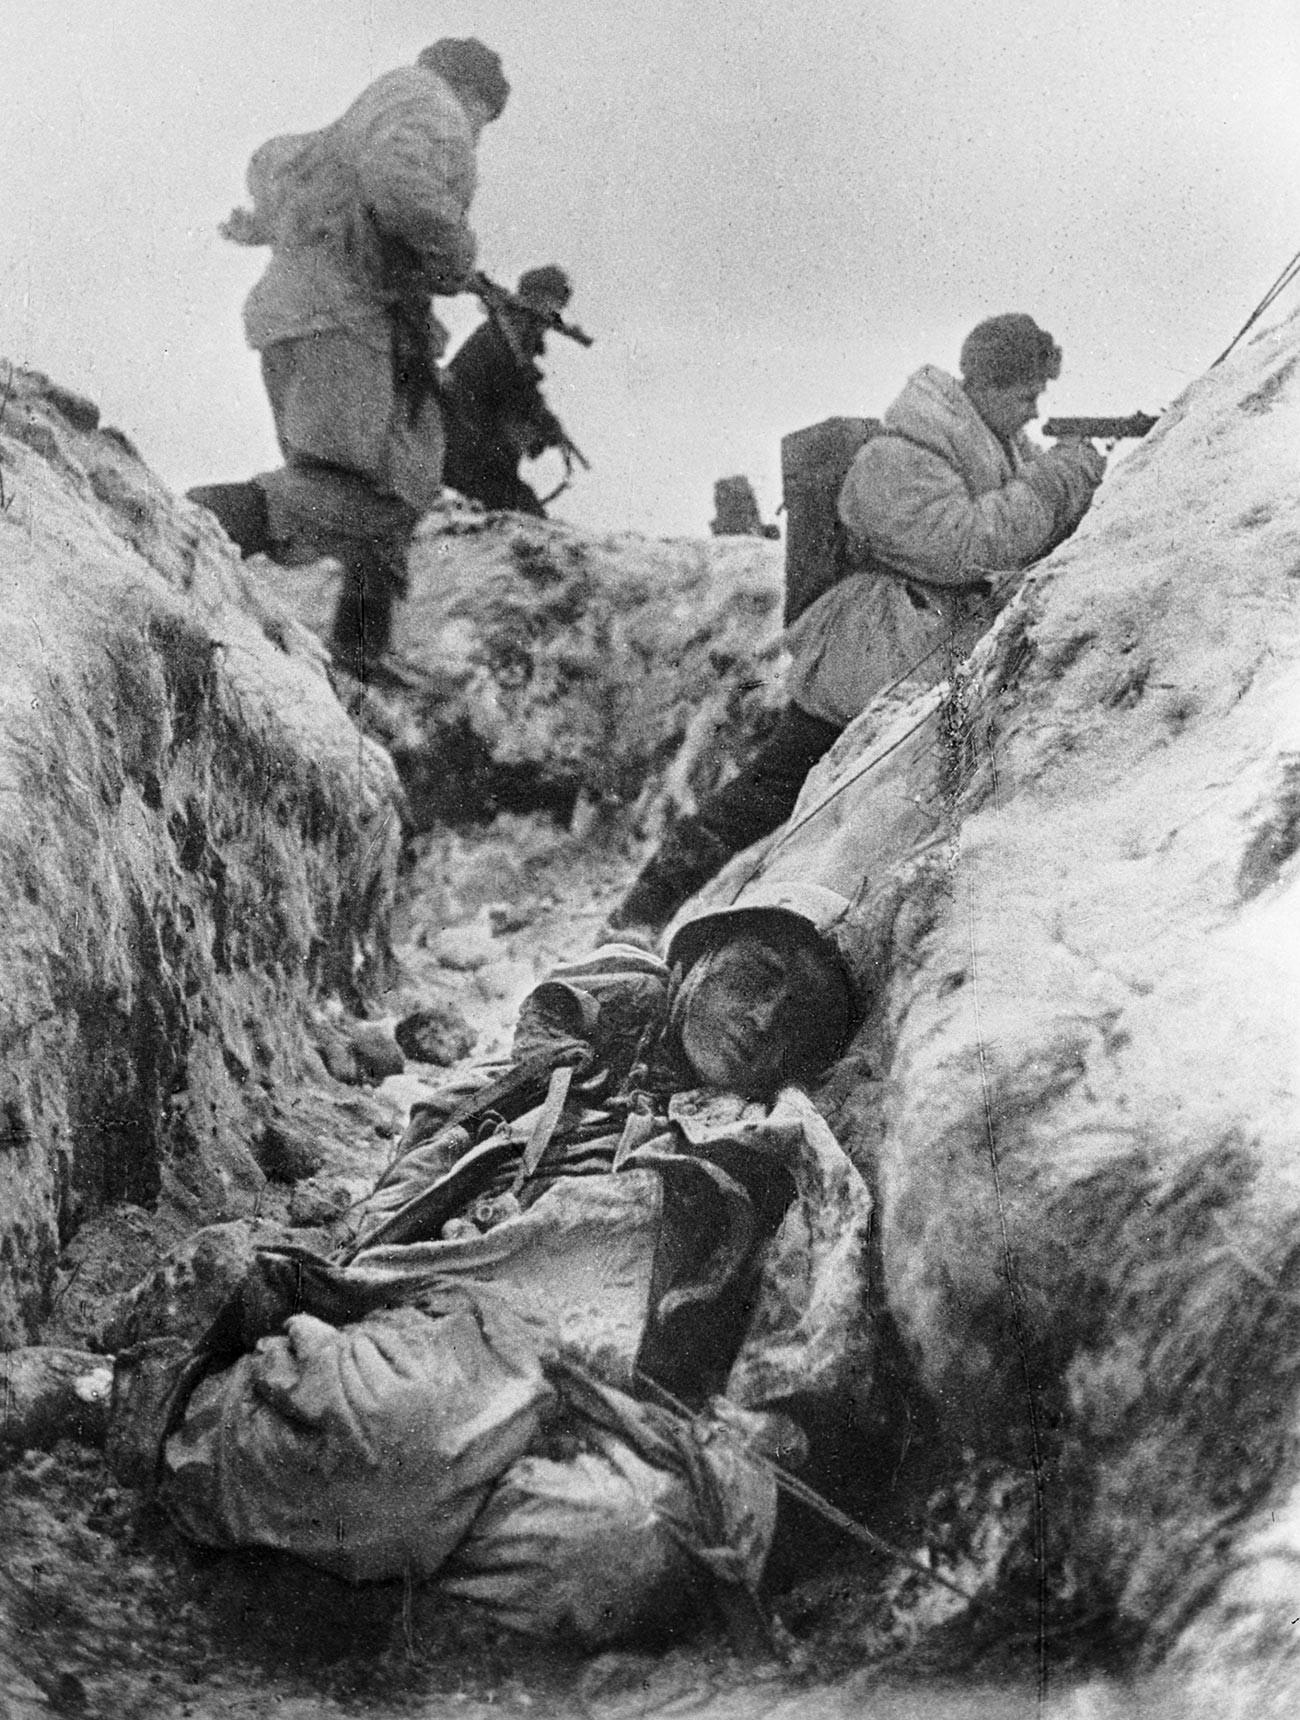 1941年11月のレニングラード包囲の際のソ連兵ら。